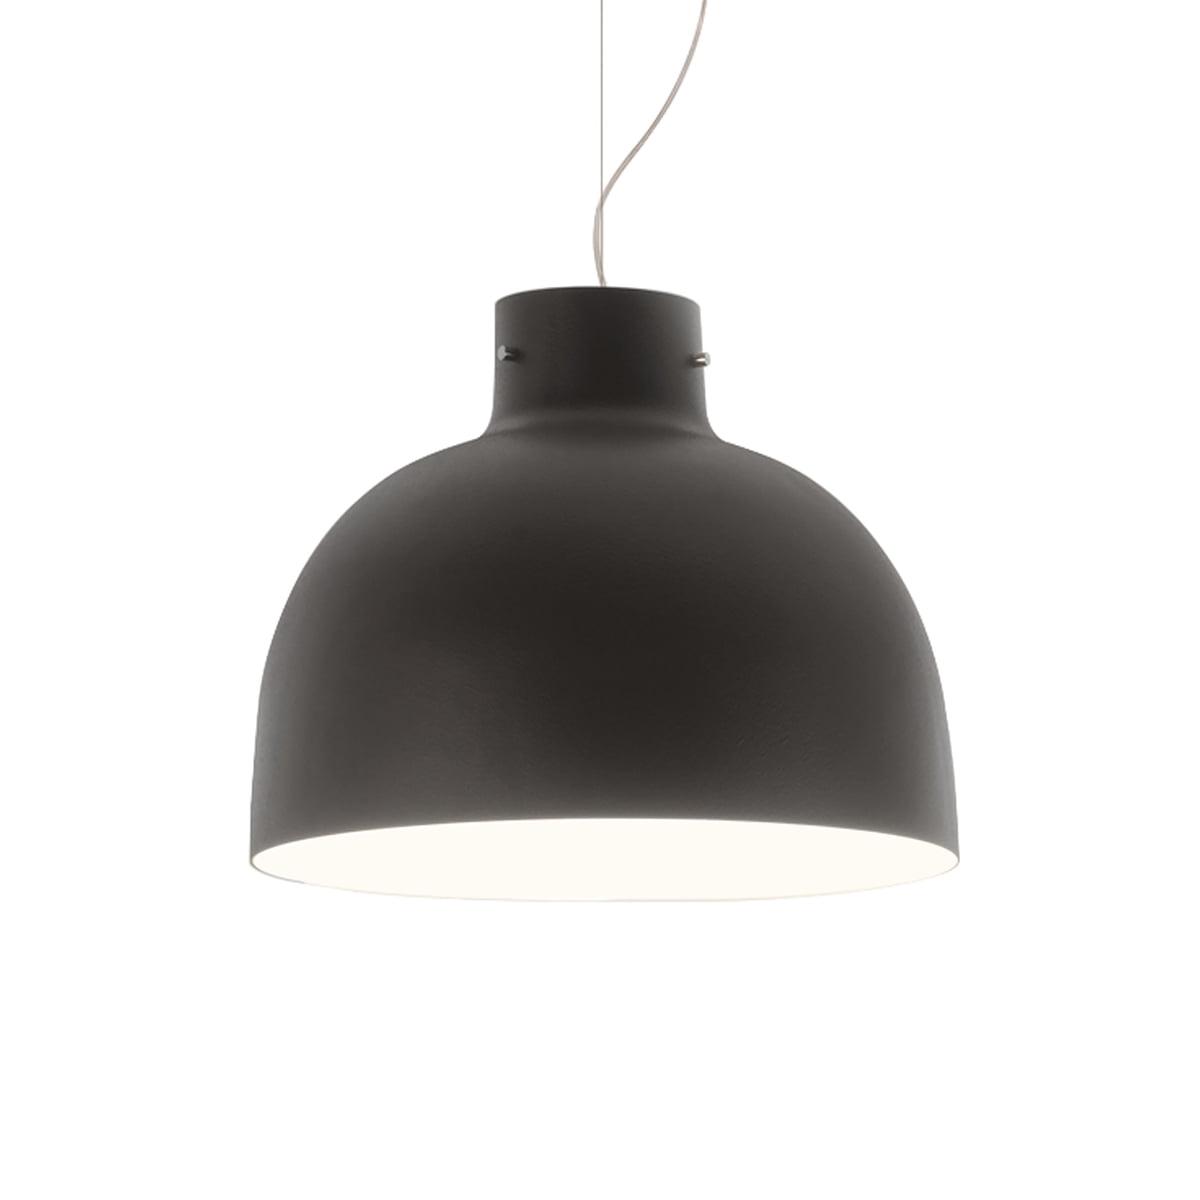 Suspensie Kartell Bellissima design Ferruccio Laviani LED 15W d50cm negru